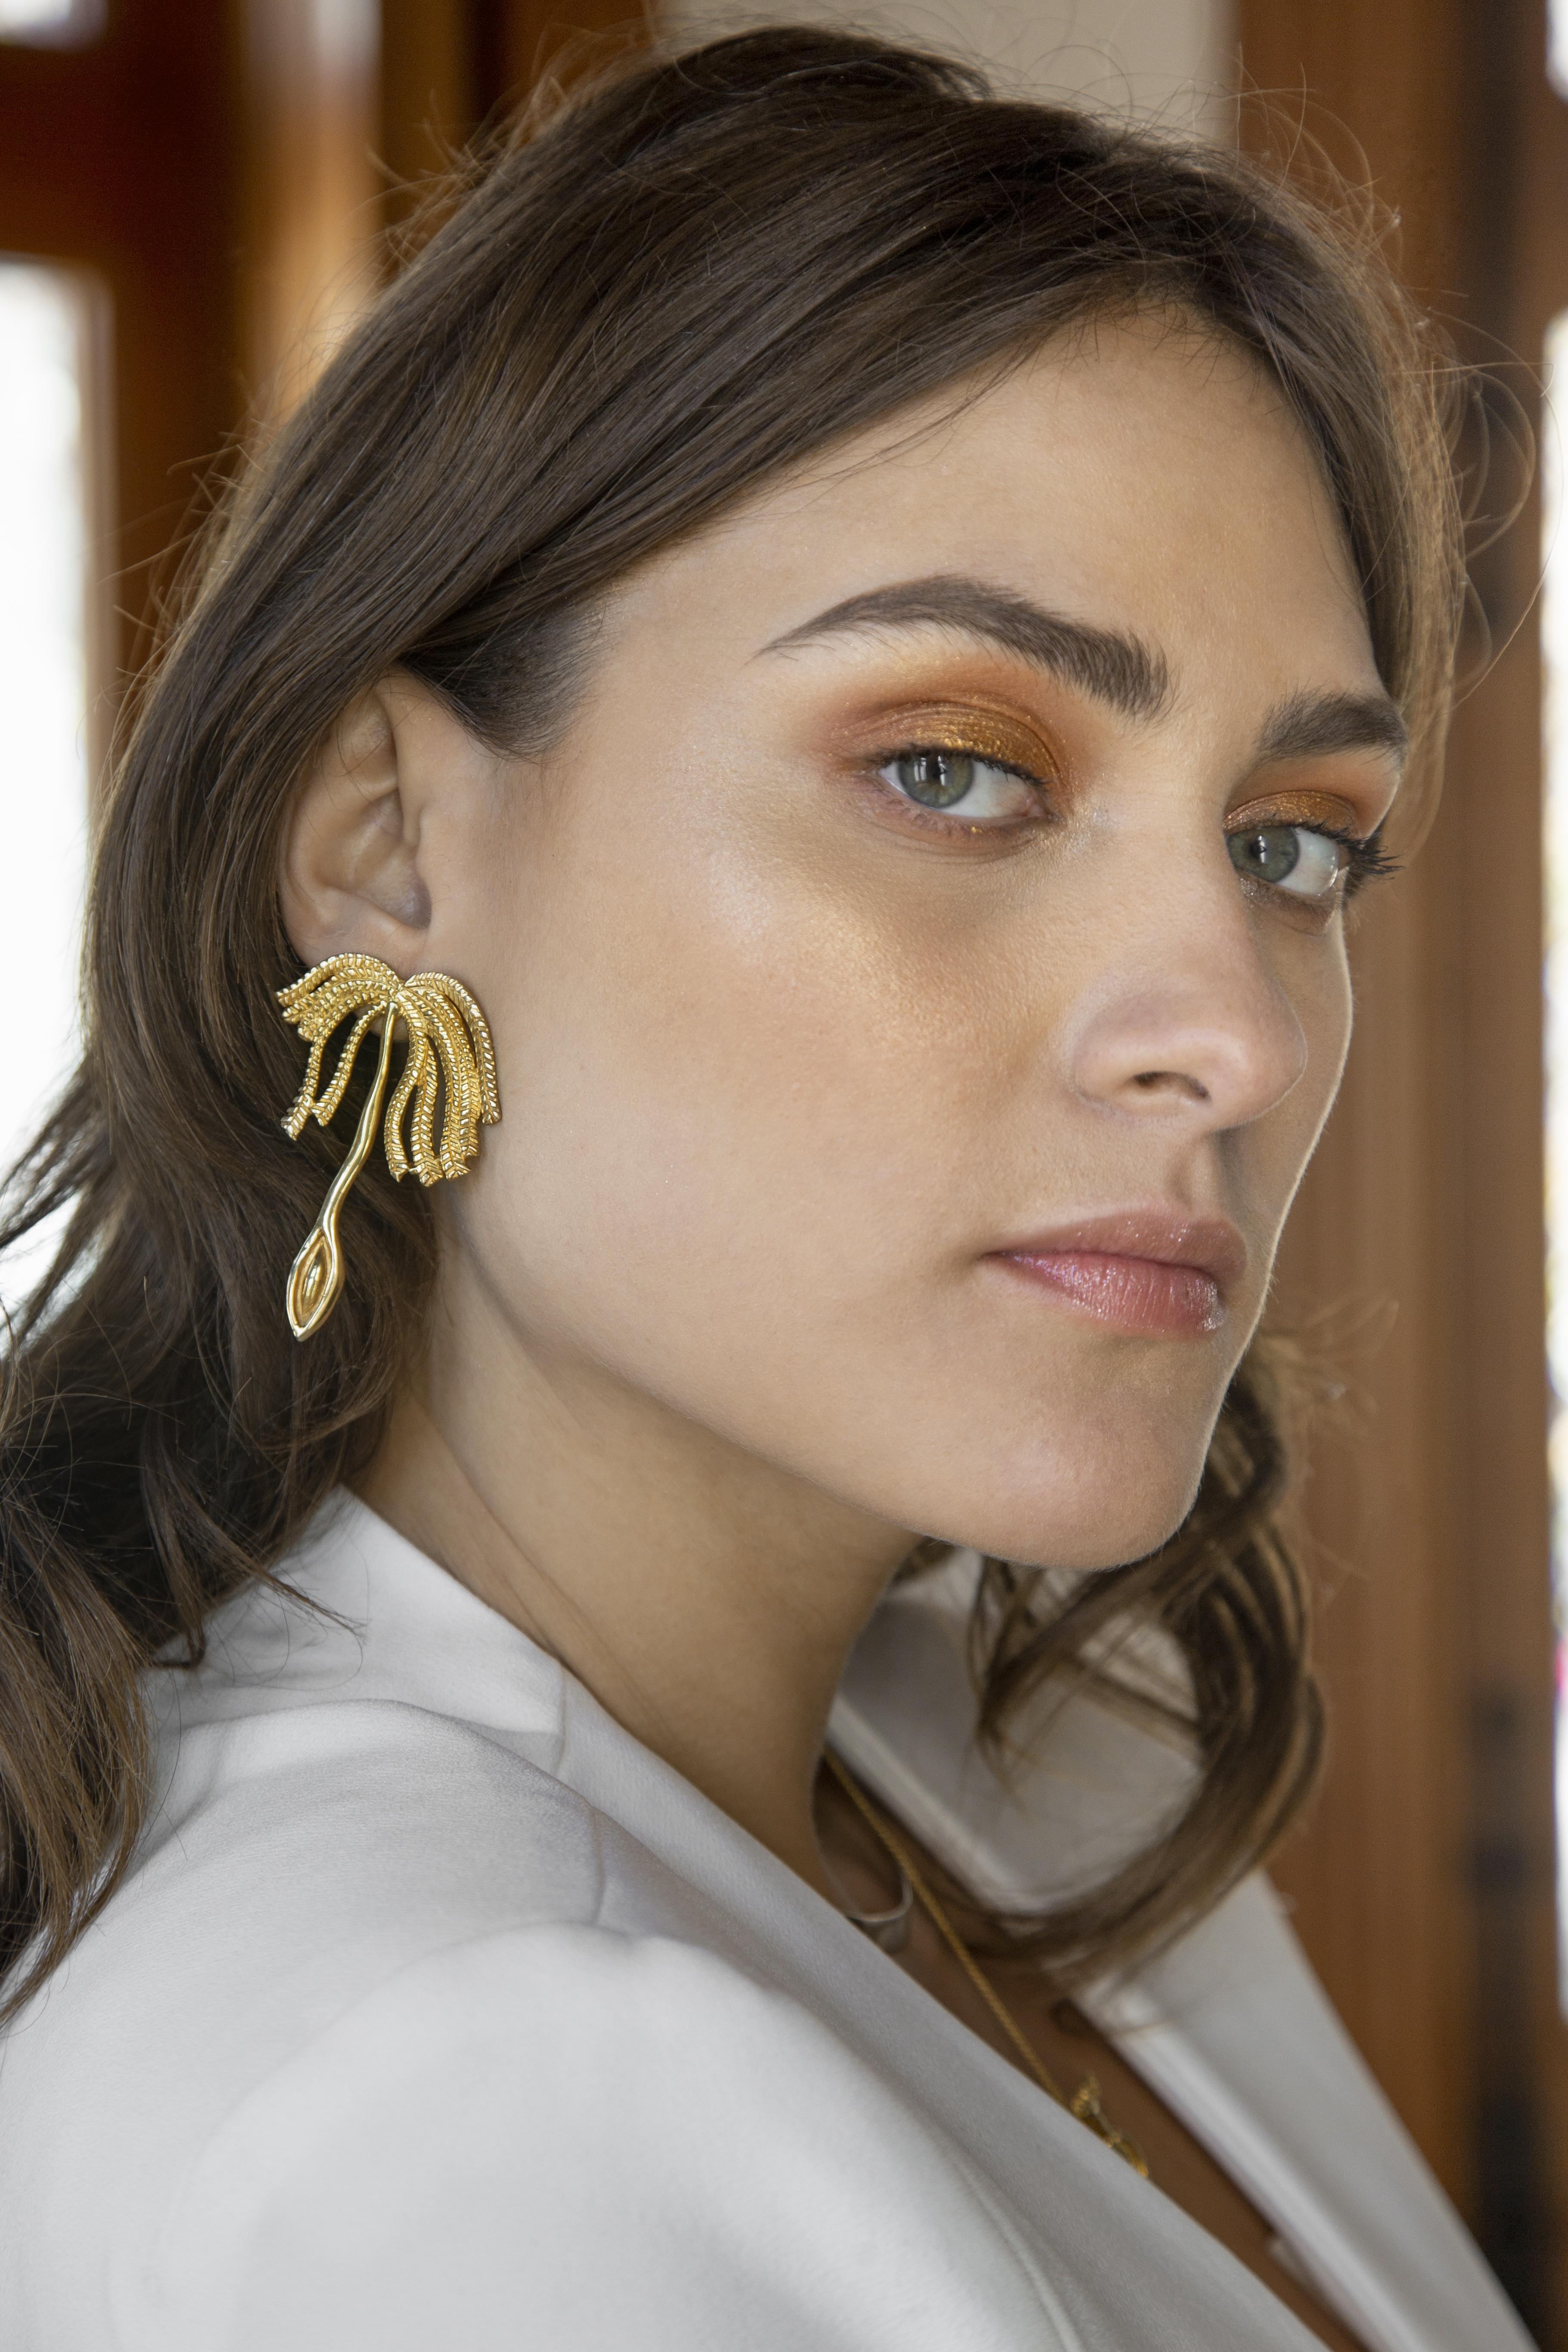 Arete Palmera Vagina, modelo Columba Diaz, Foto Zony maya